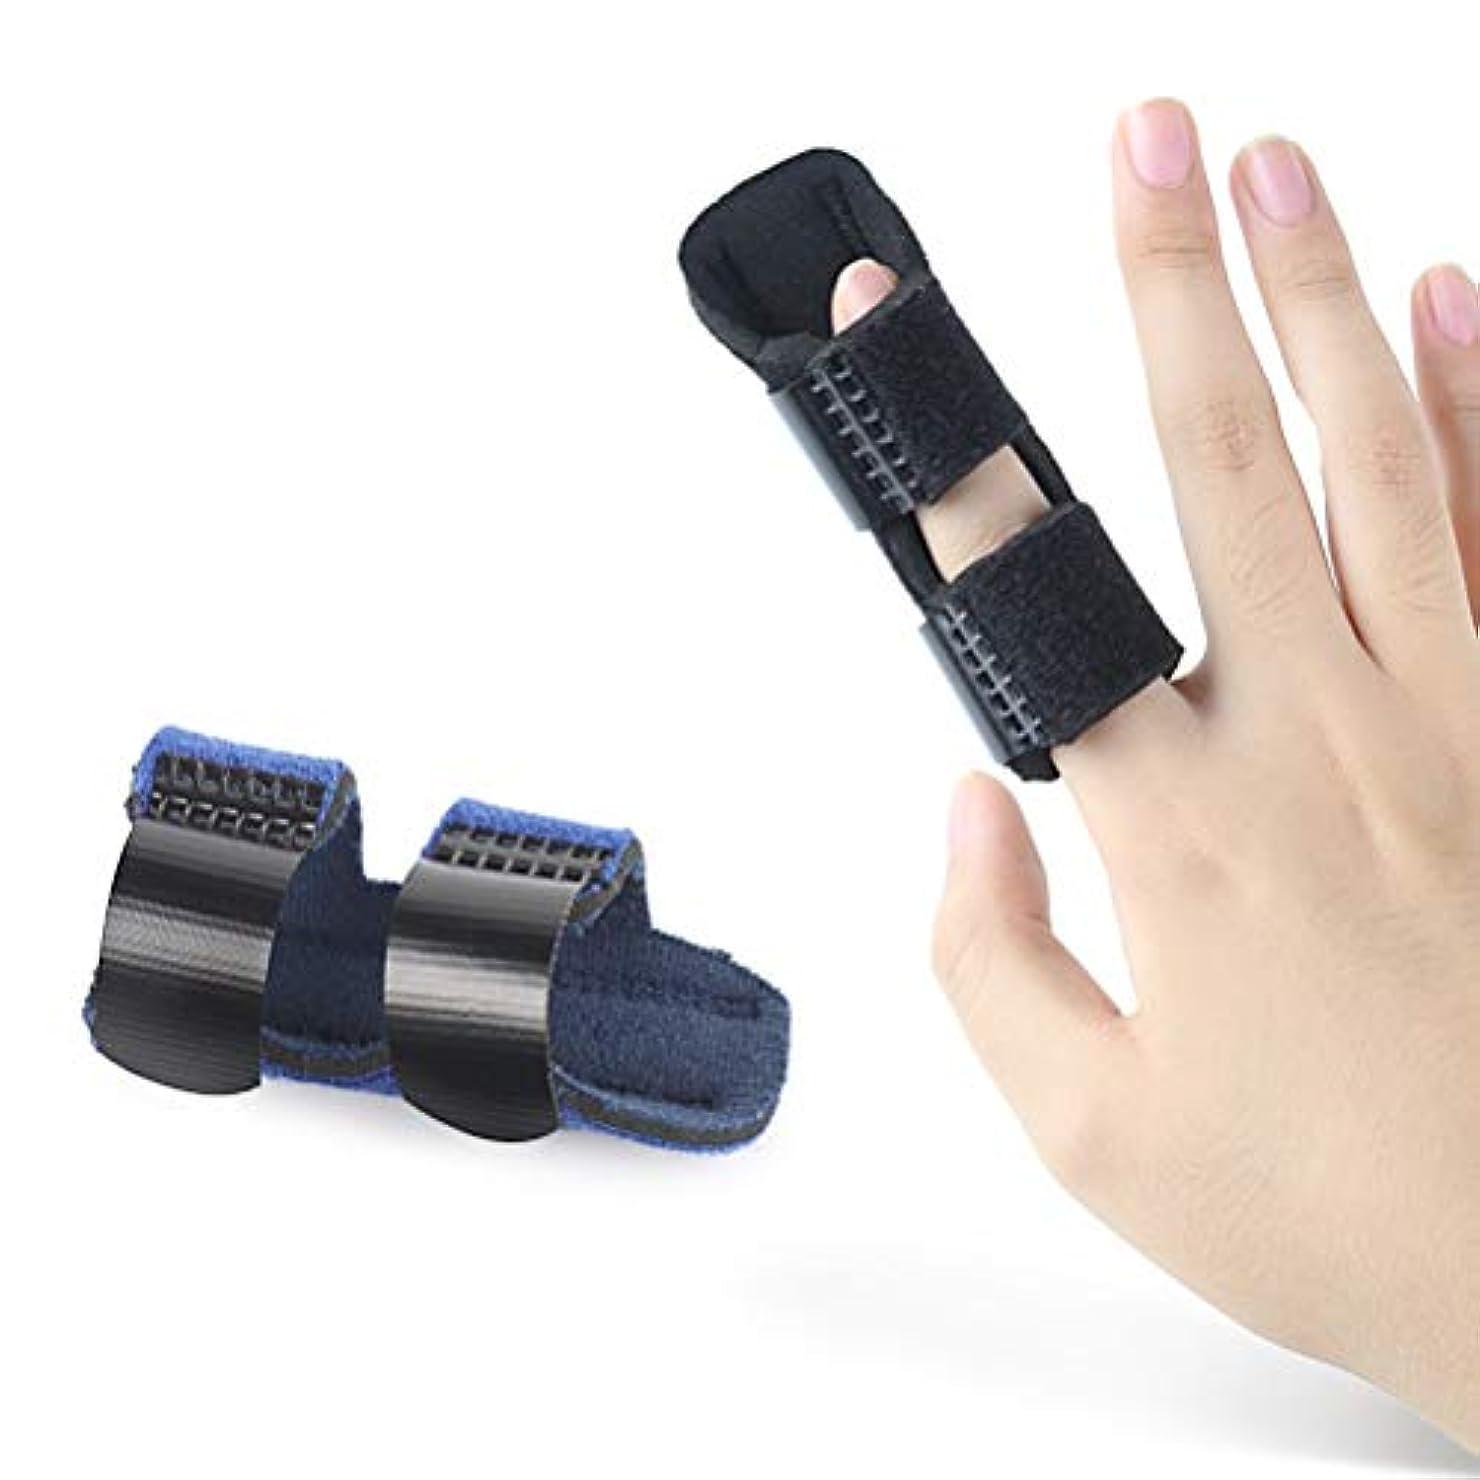 チョップジャムお酢SUPVOX 首サポートブレース 腱鞘炎 バネ指 関節靭帯保護 損傷回復に 手首の親指の痛みを和らげる 1対指スプリントサポート(黒)